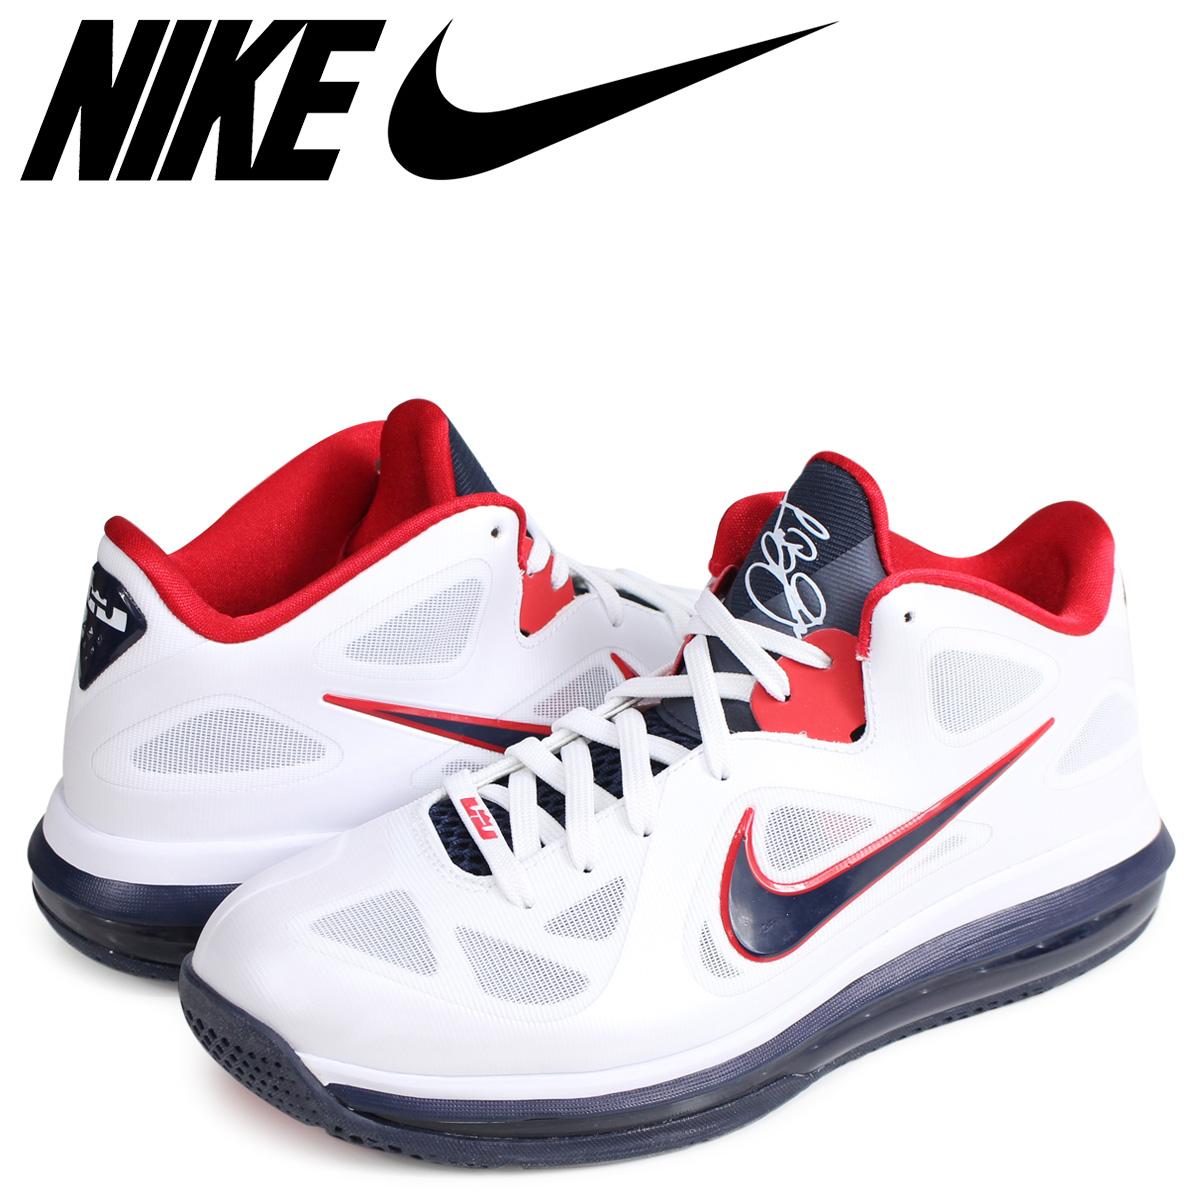 online store a2747 a2728 NIKE Nike Revlon 9 sneakers men AIR LEBRON 9 LOW USA 510,811-101 white